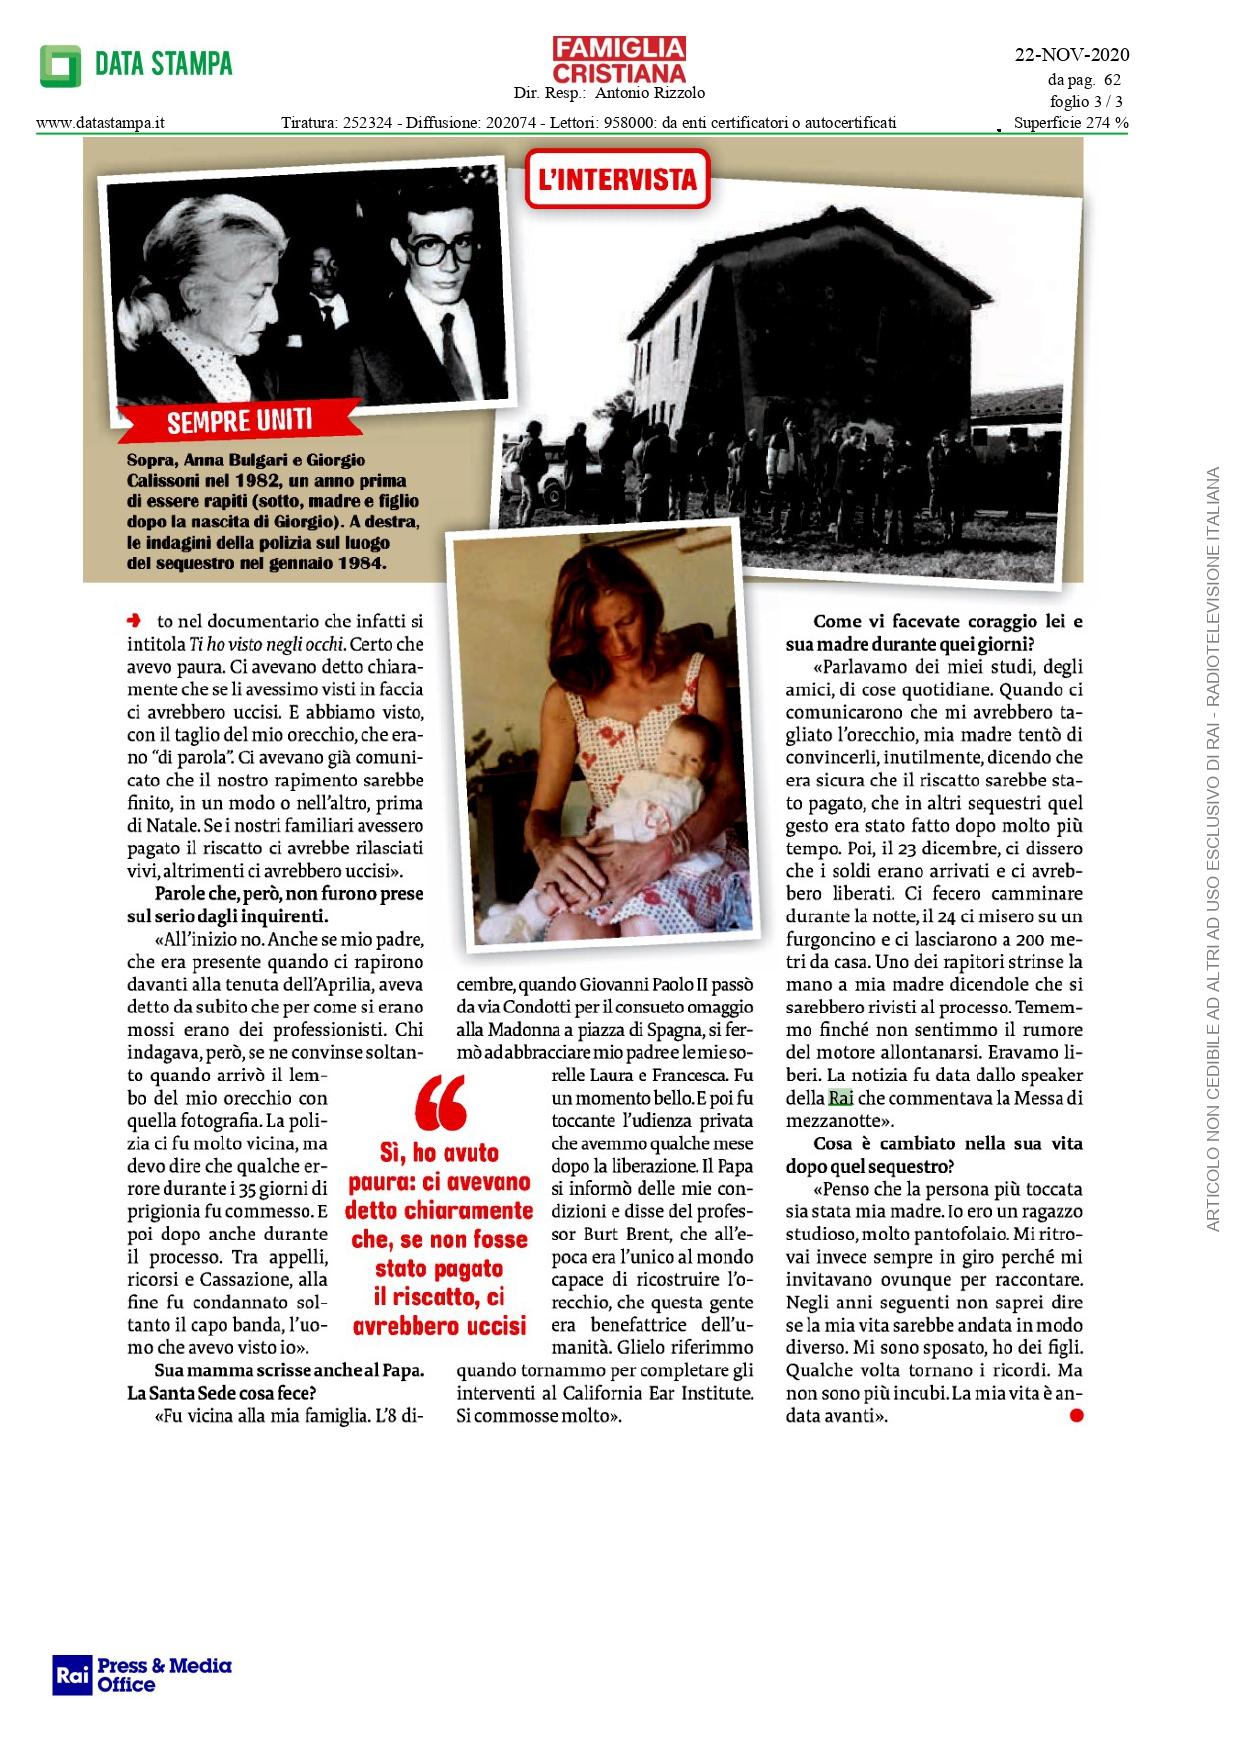 FAMIGLIA CRISTIANA 19 NOV 2020_page-0003